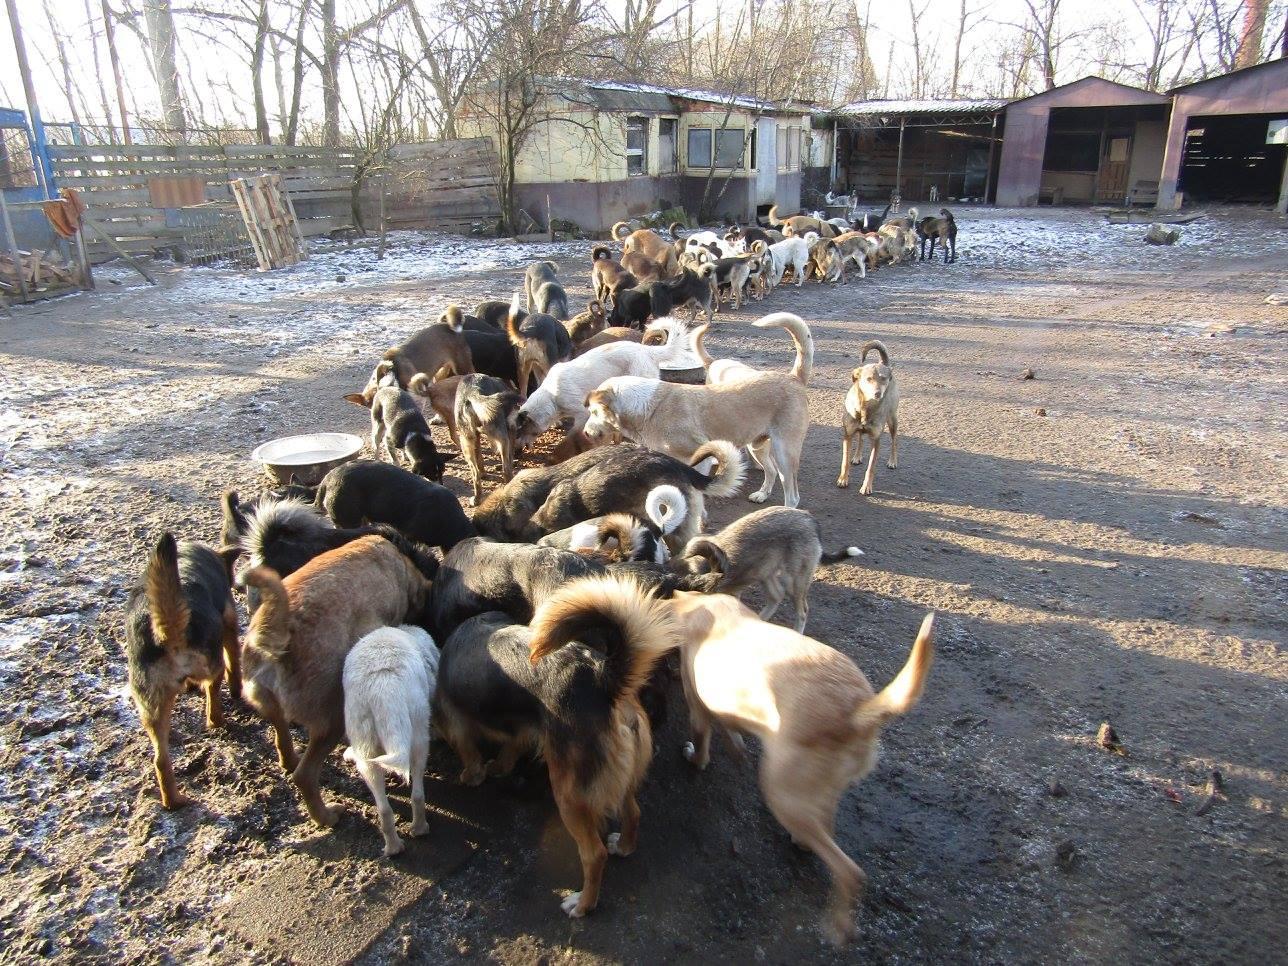 Україна в лідерах з кількості бездомних тварин : як це виправити